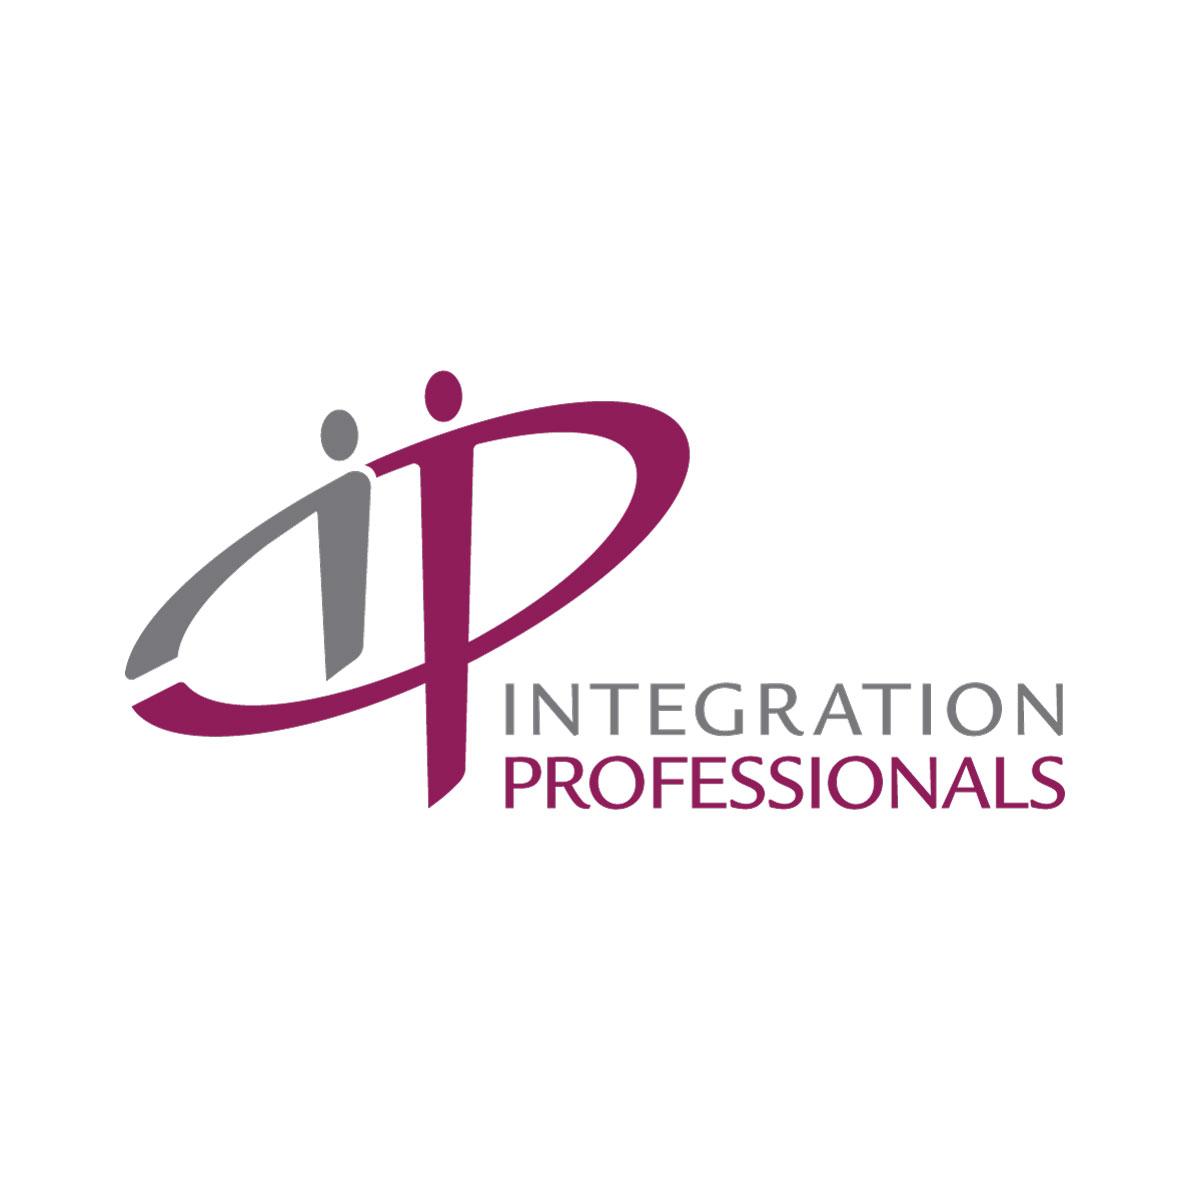 Diseño de Identidad Visual y Logotipo para la marca Integration Professionals